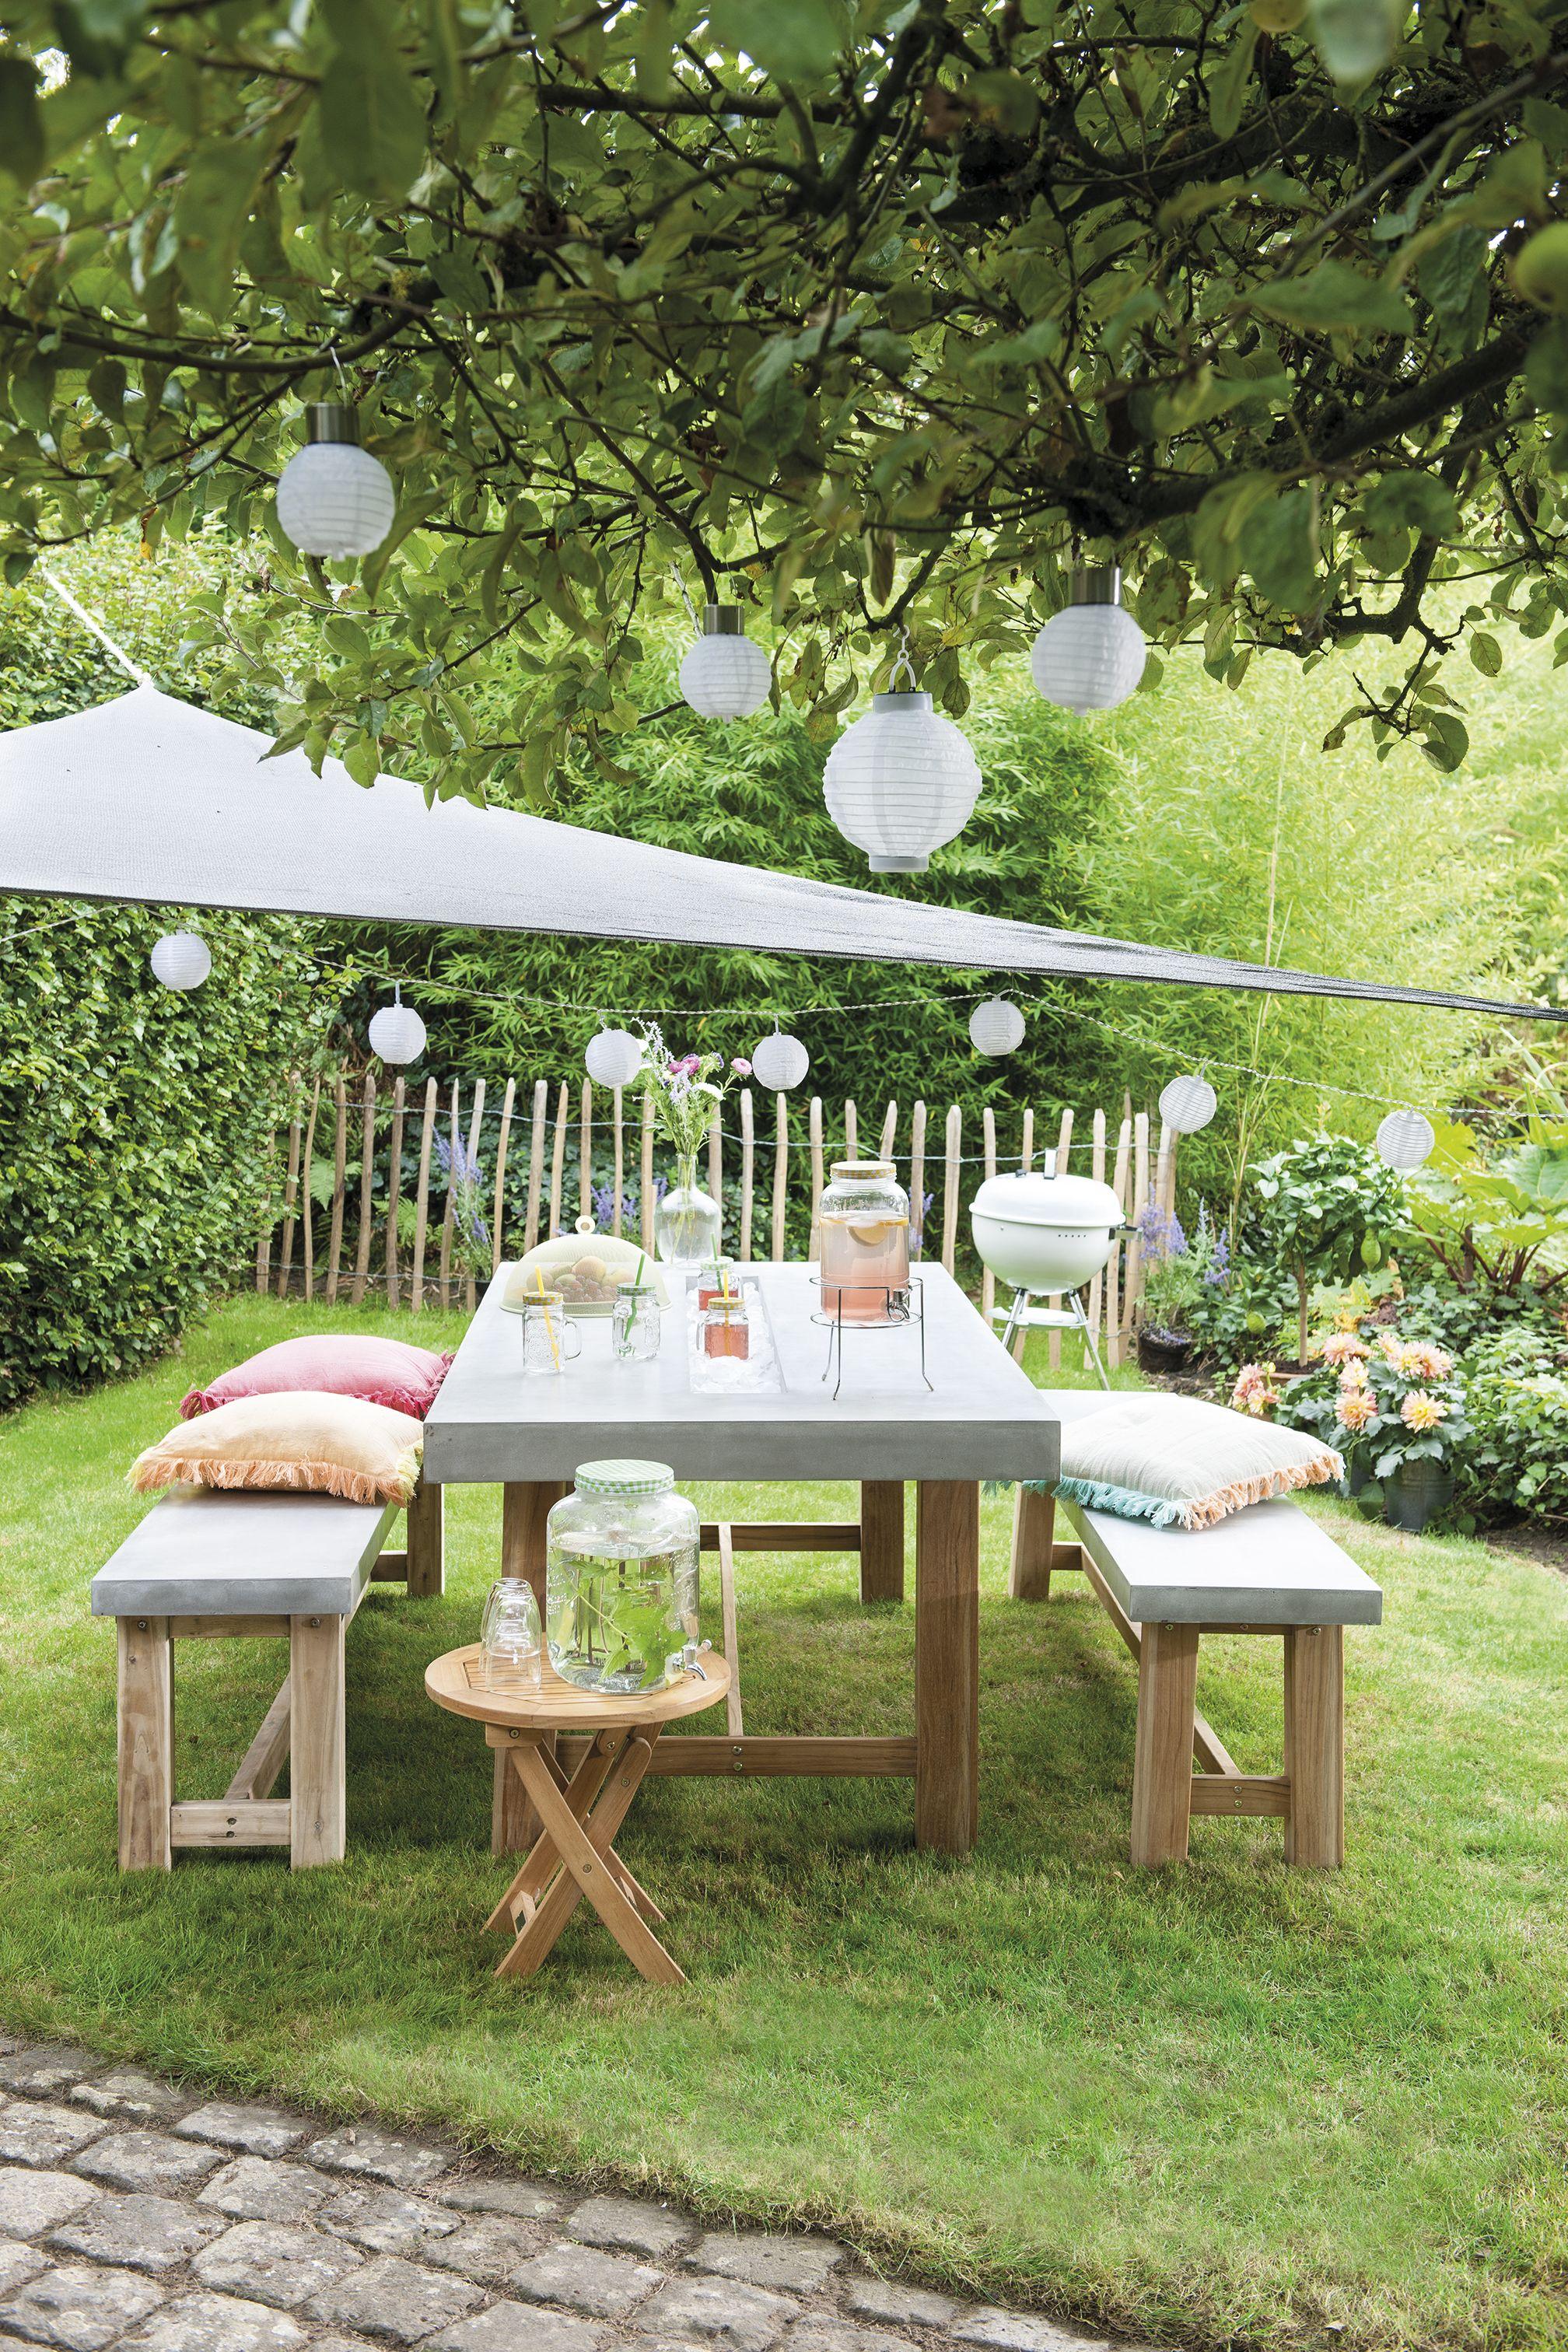 Hangmat Met Standaard Intratuin.Een Vrolijke Tuin Met Lampionnen Intratuin Tuin Outdoor Deco